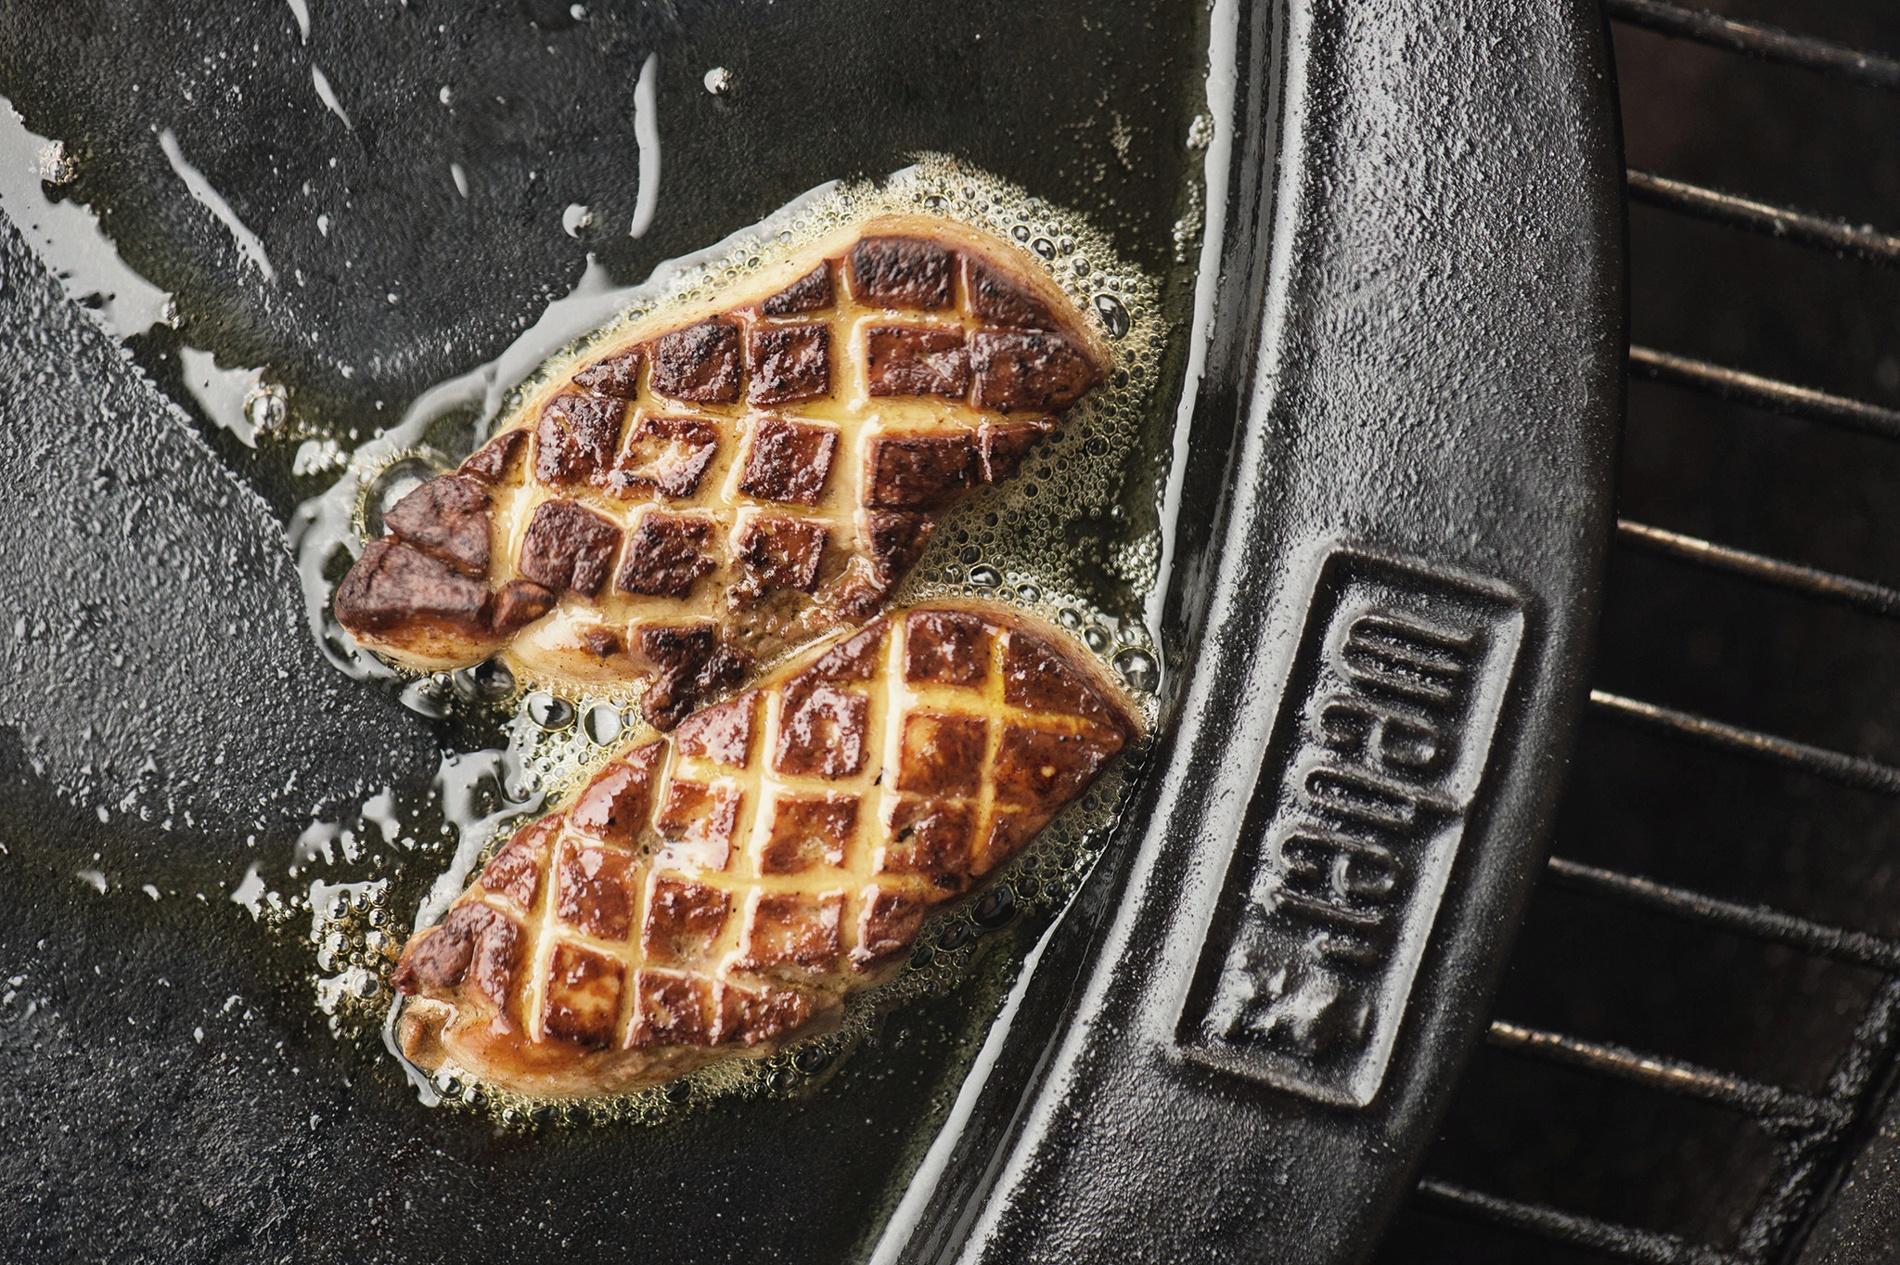 Come si cuoce: il foie gras bbq4all american skills italian style